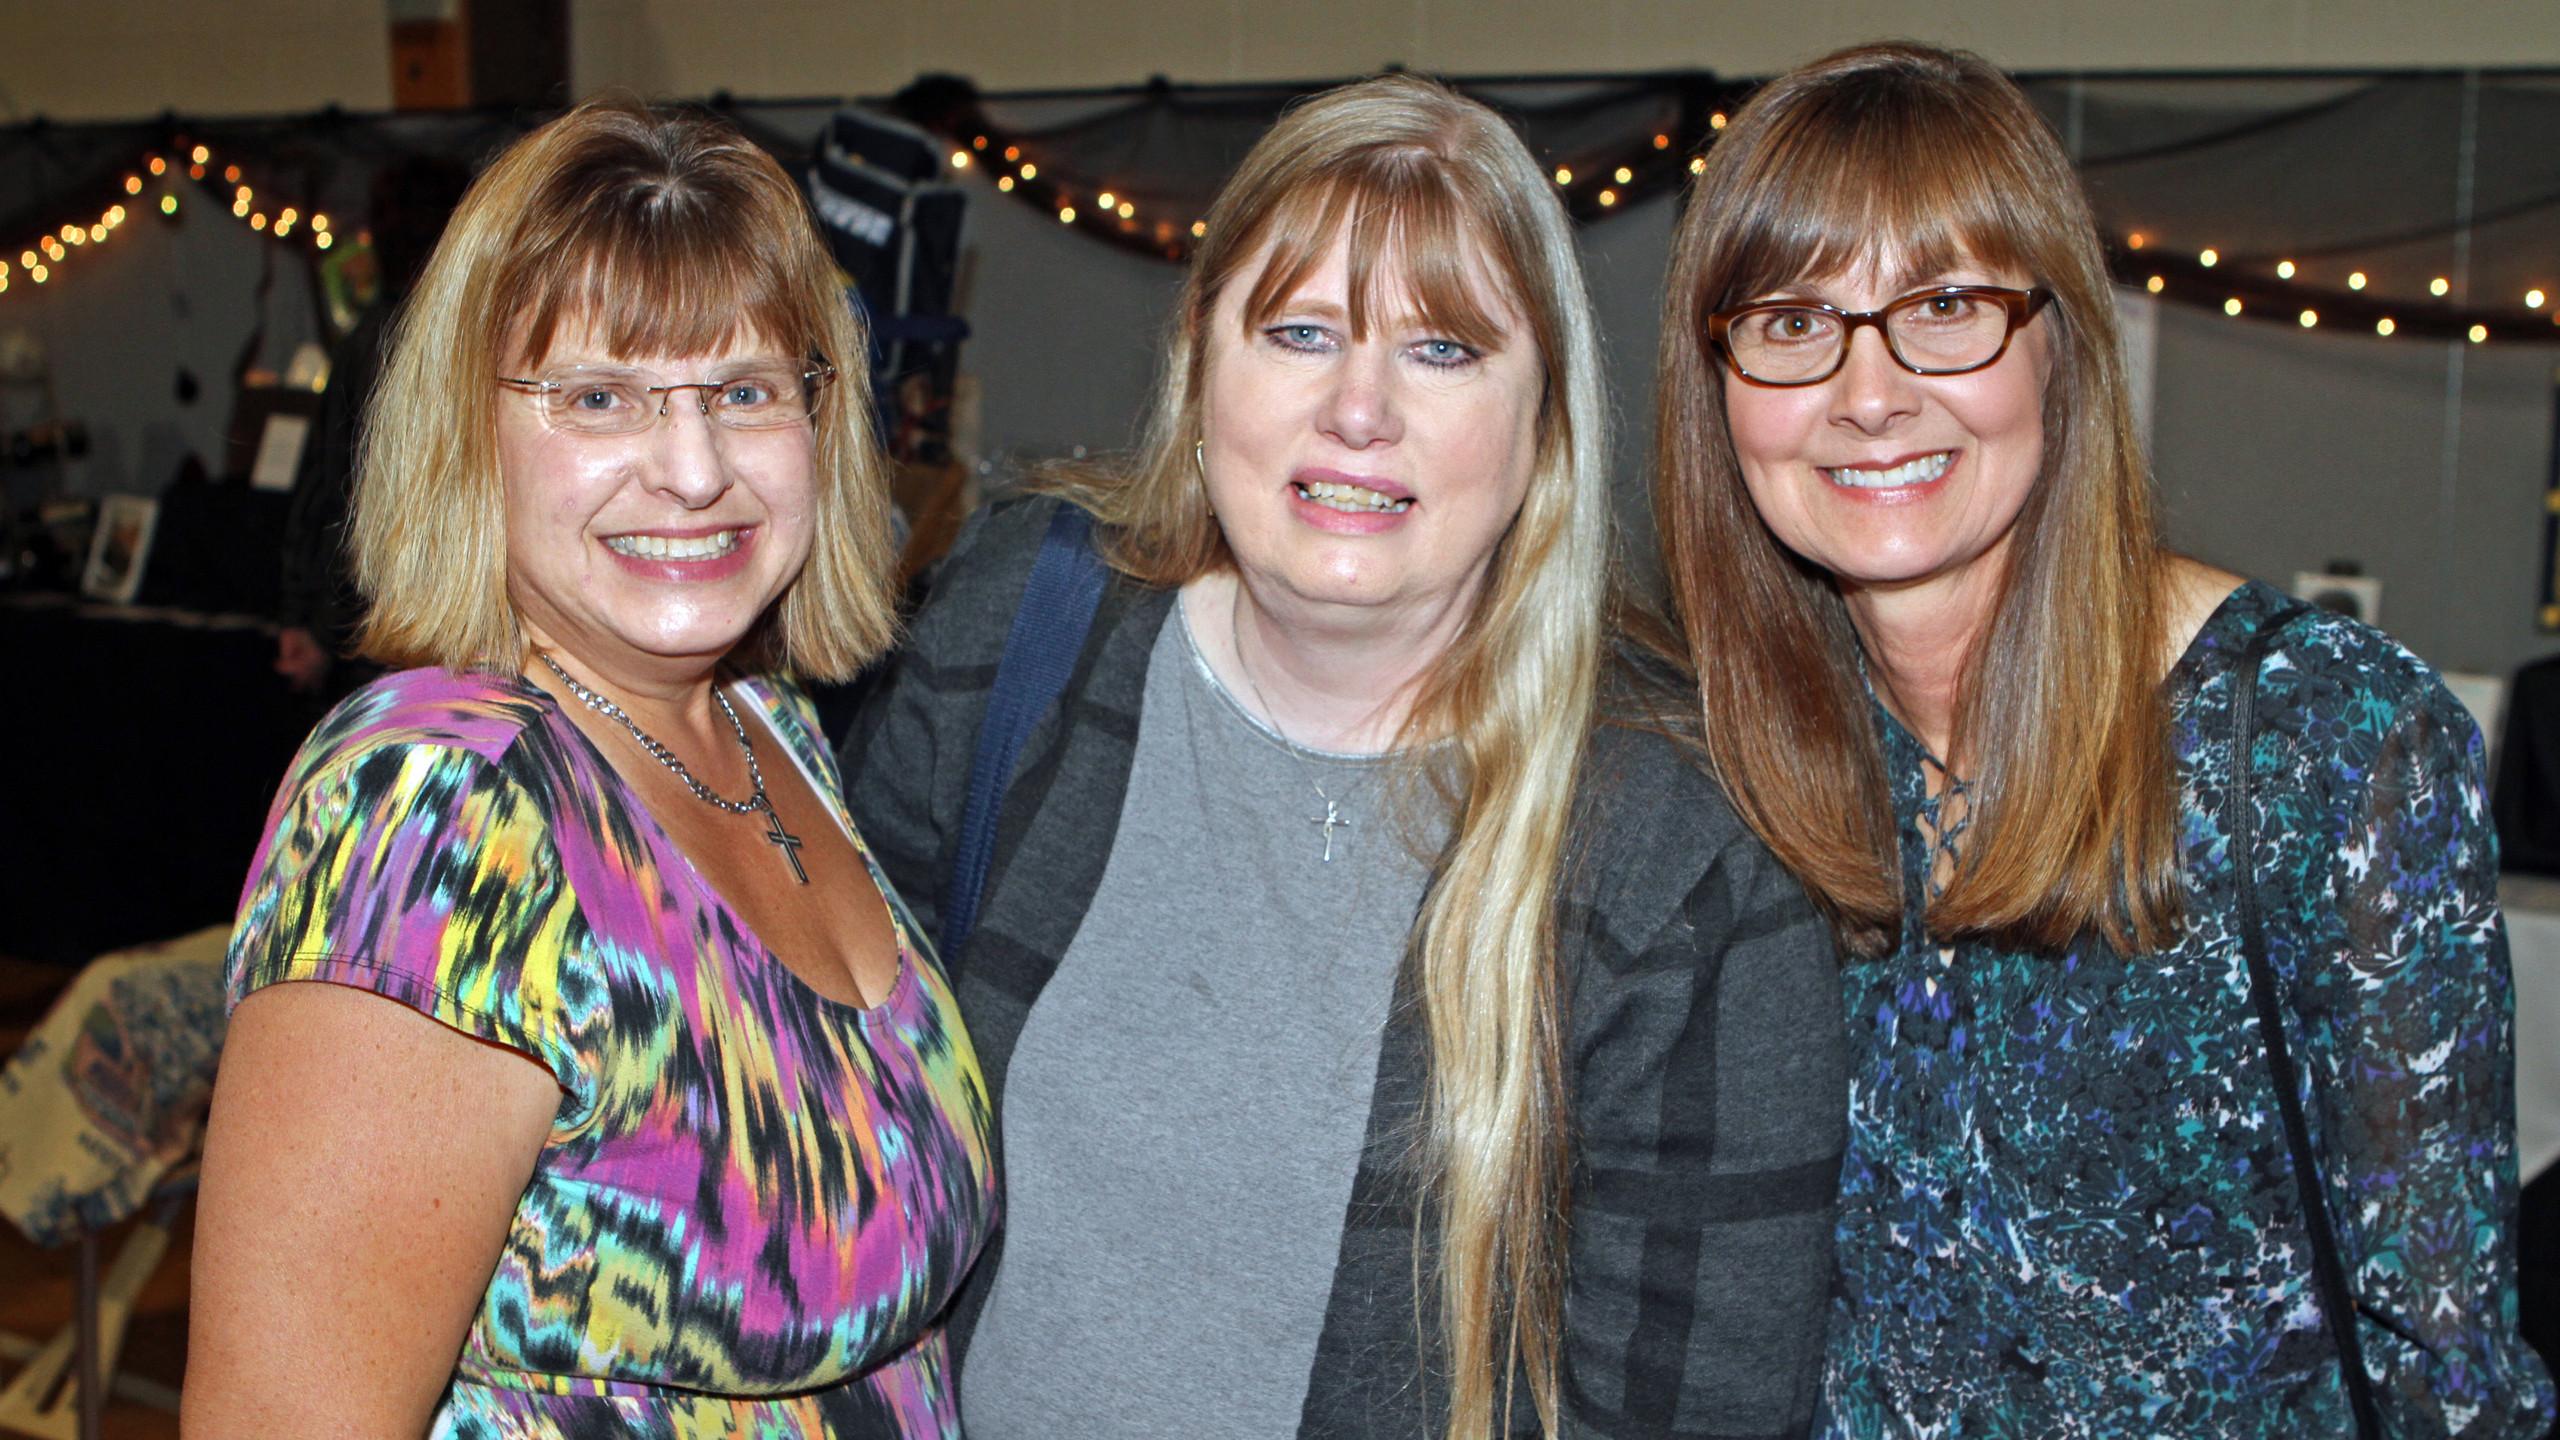 Christa Bunjor, Patricia Doyle and Chris